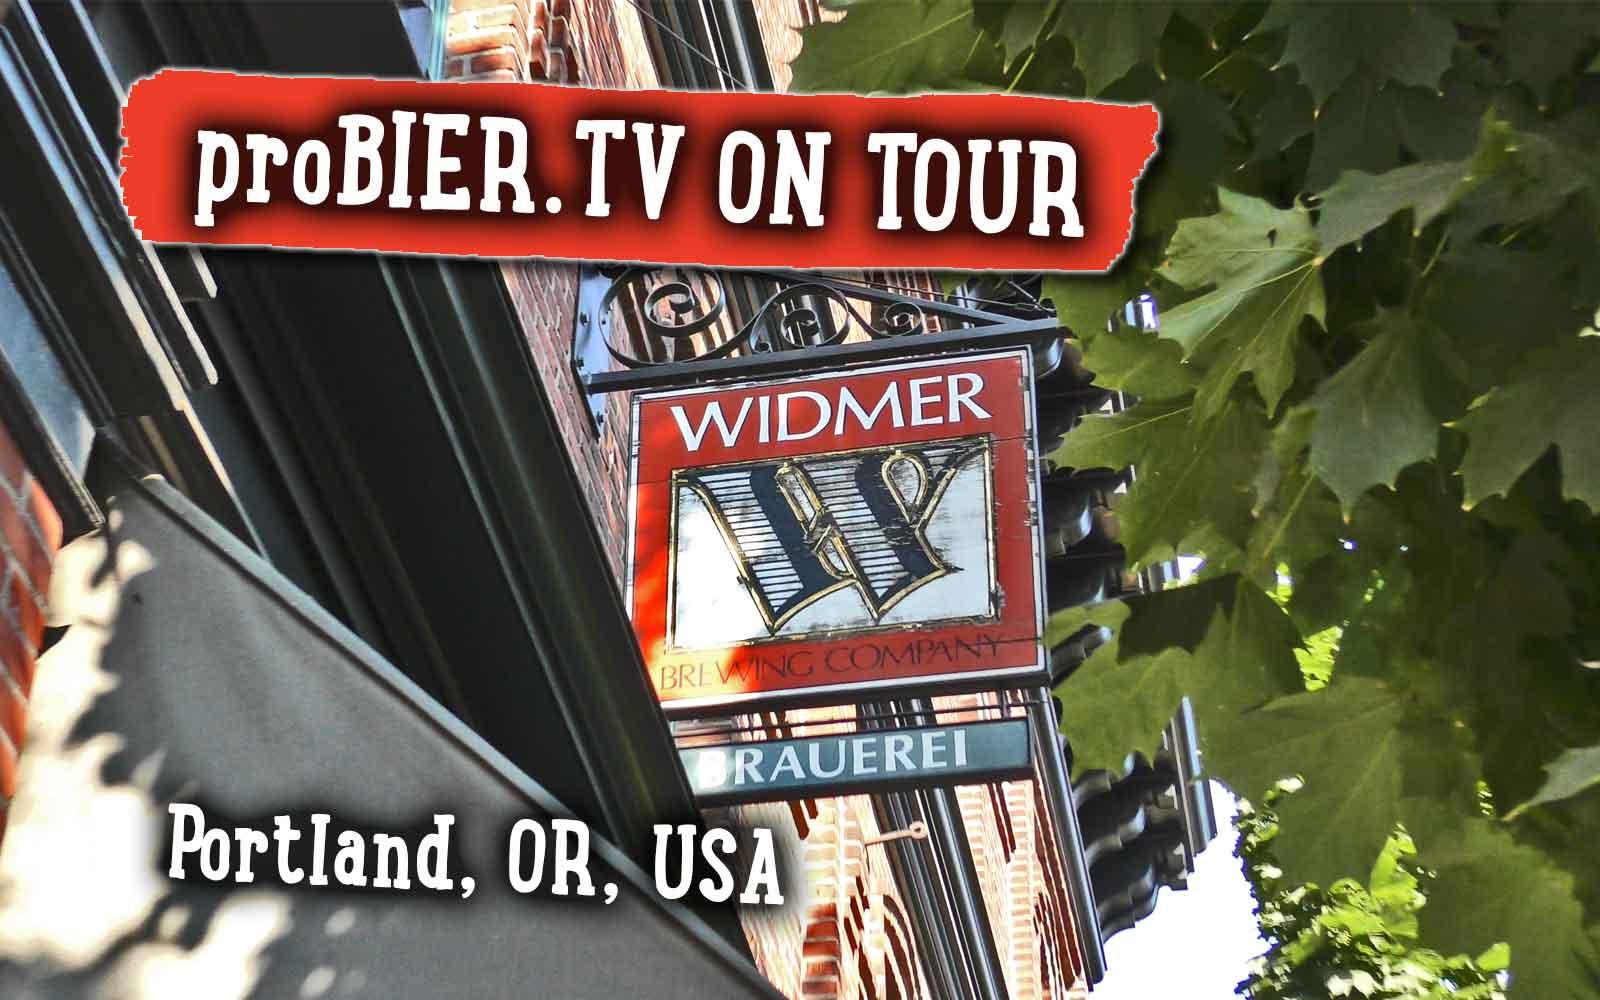 Brauerei Tour bei den Widmer Brothers, Portland